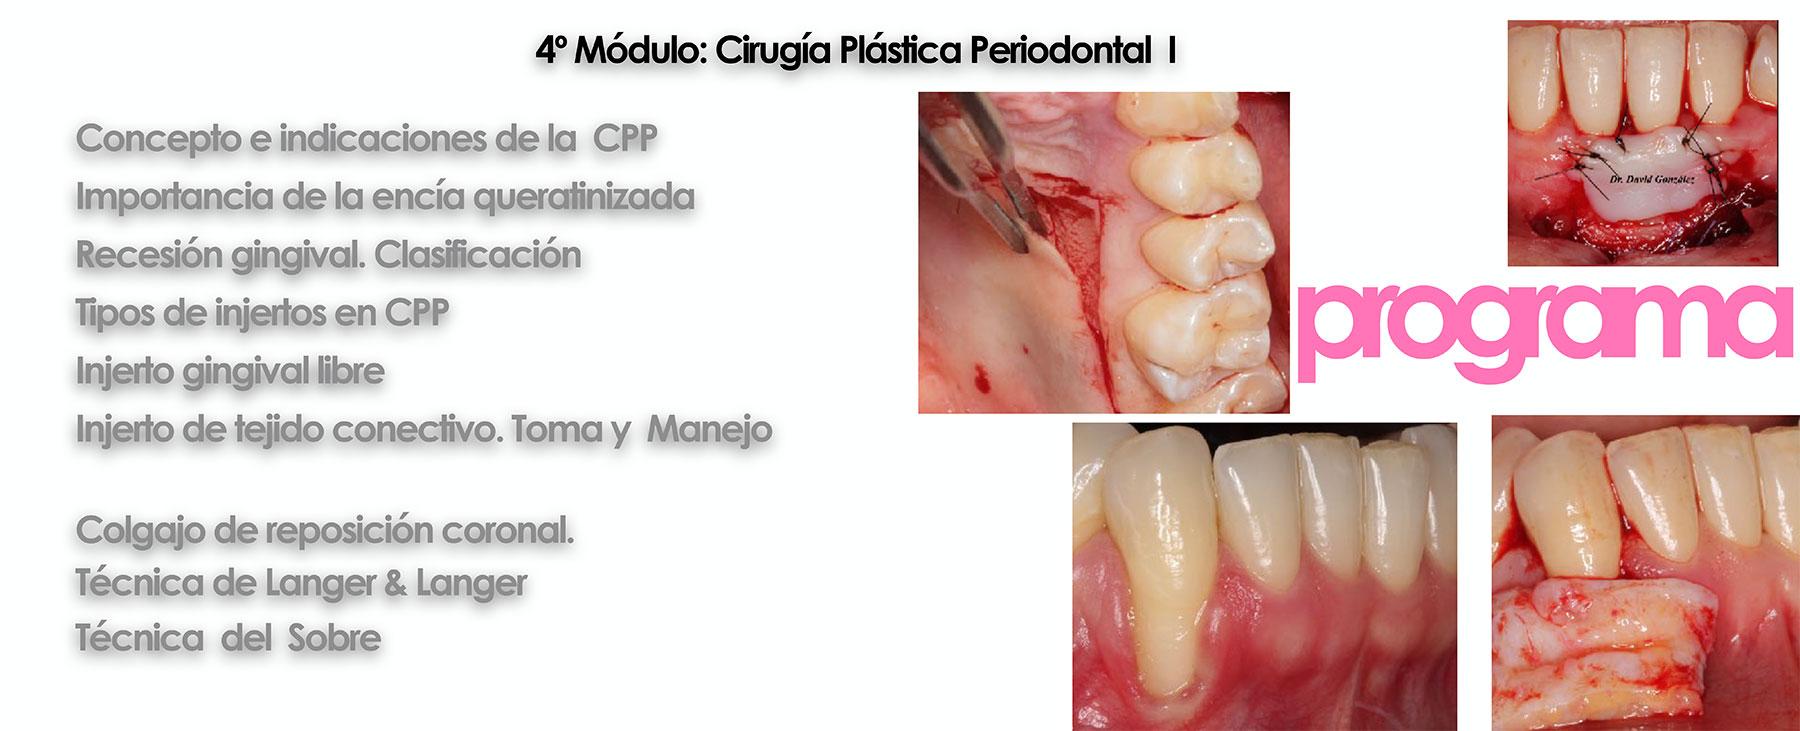 Curso cirugía periodontal e implantológica 19